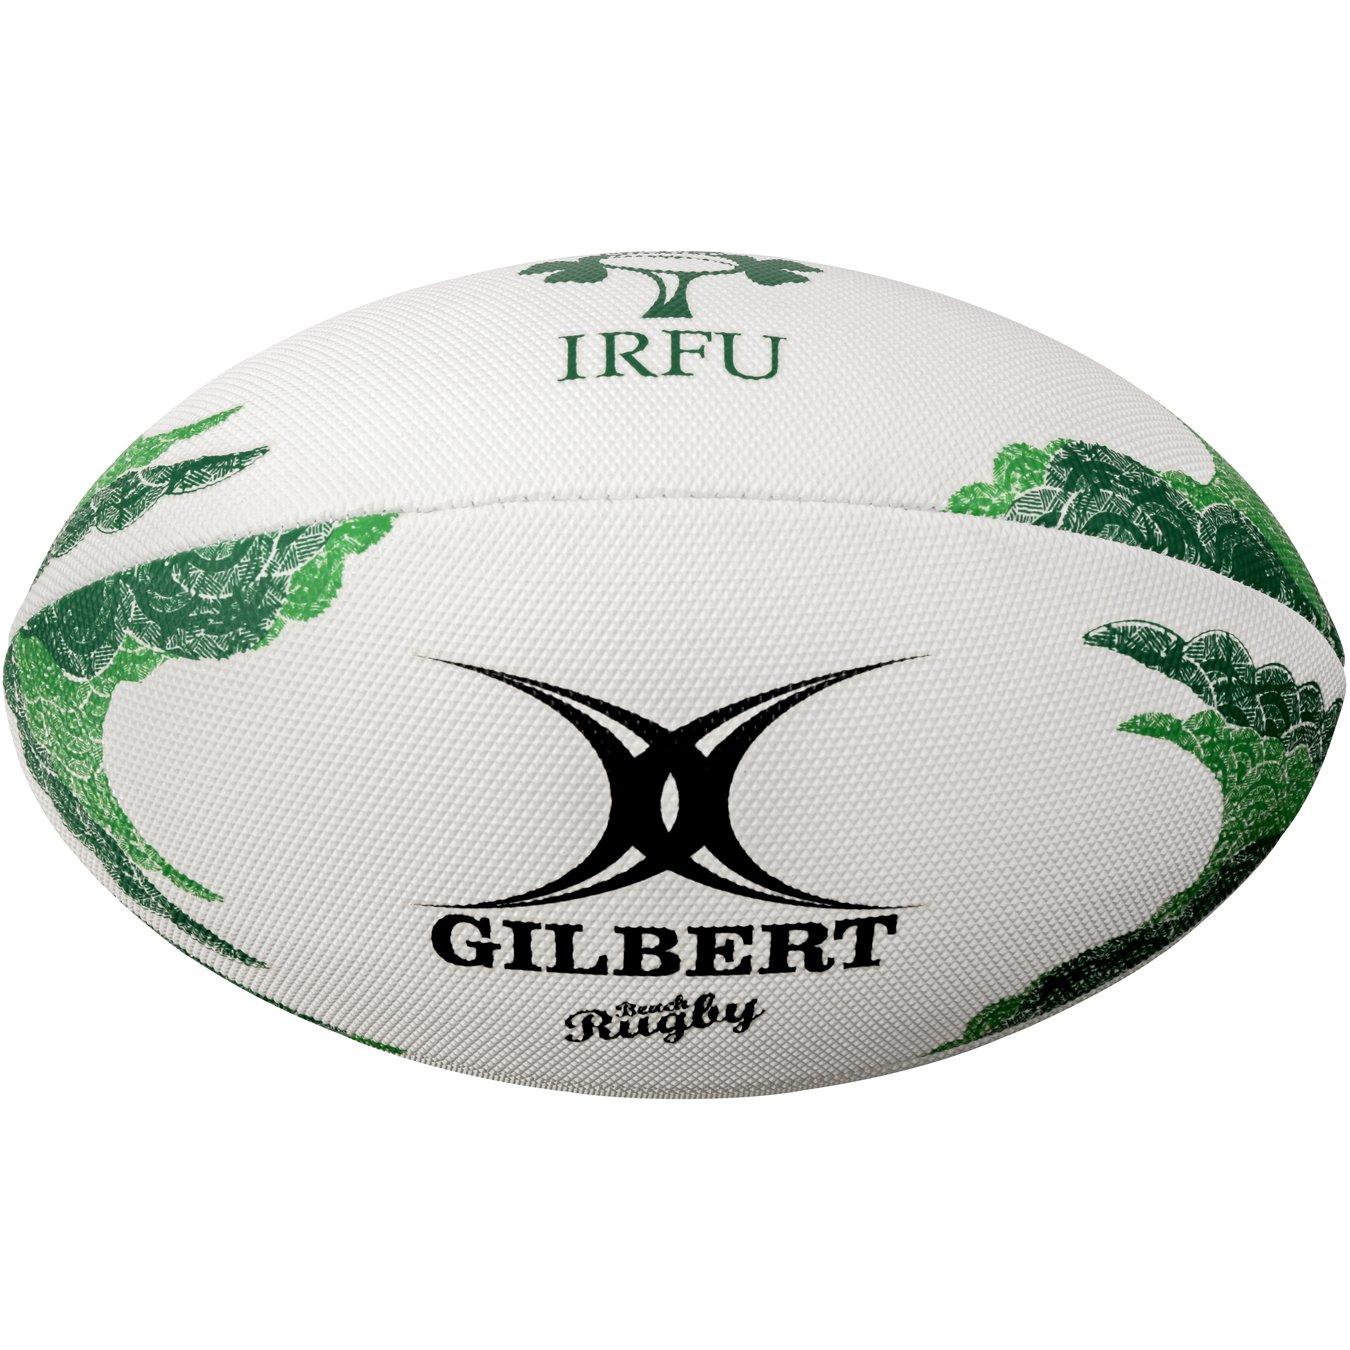 GILBERT Ballon de Beach rugby - Irelande - Taille 4: Amazon.es ...